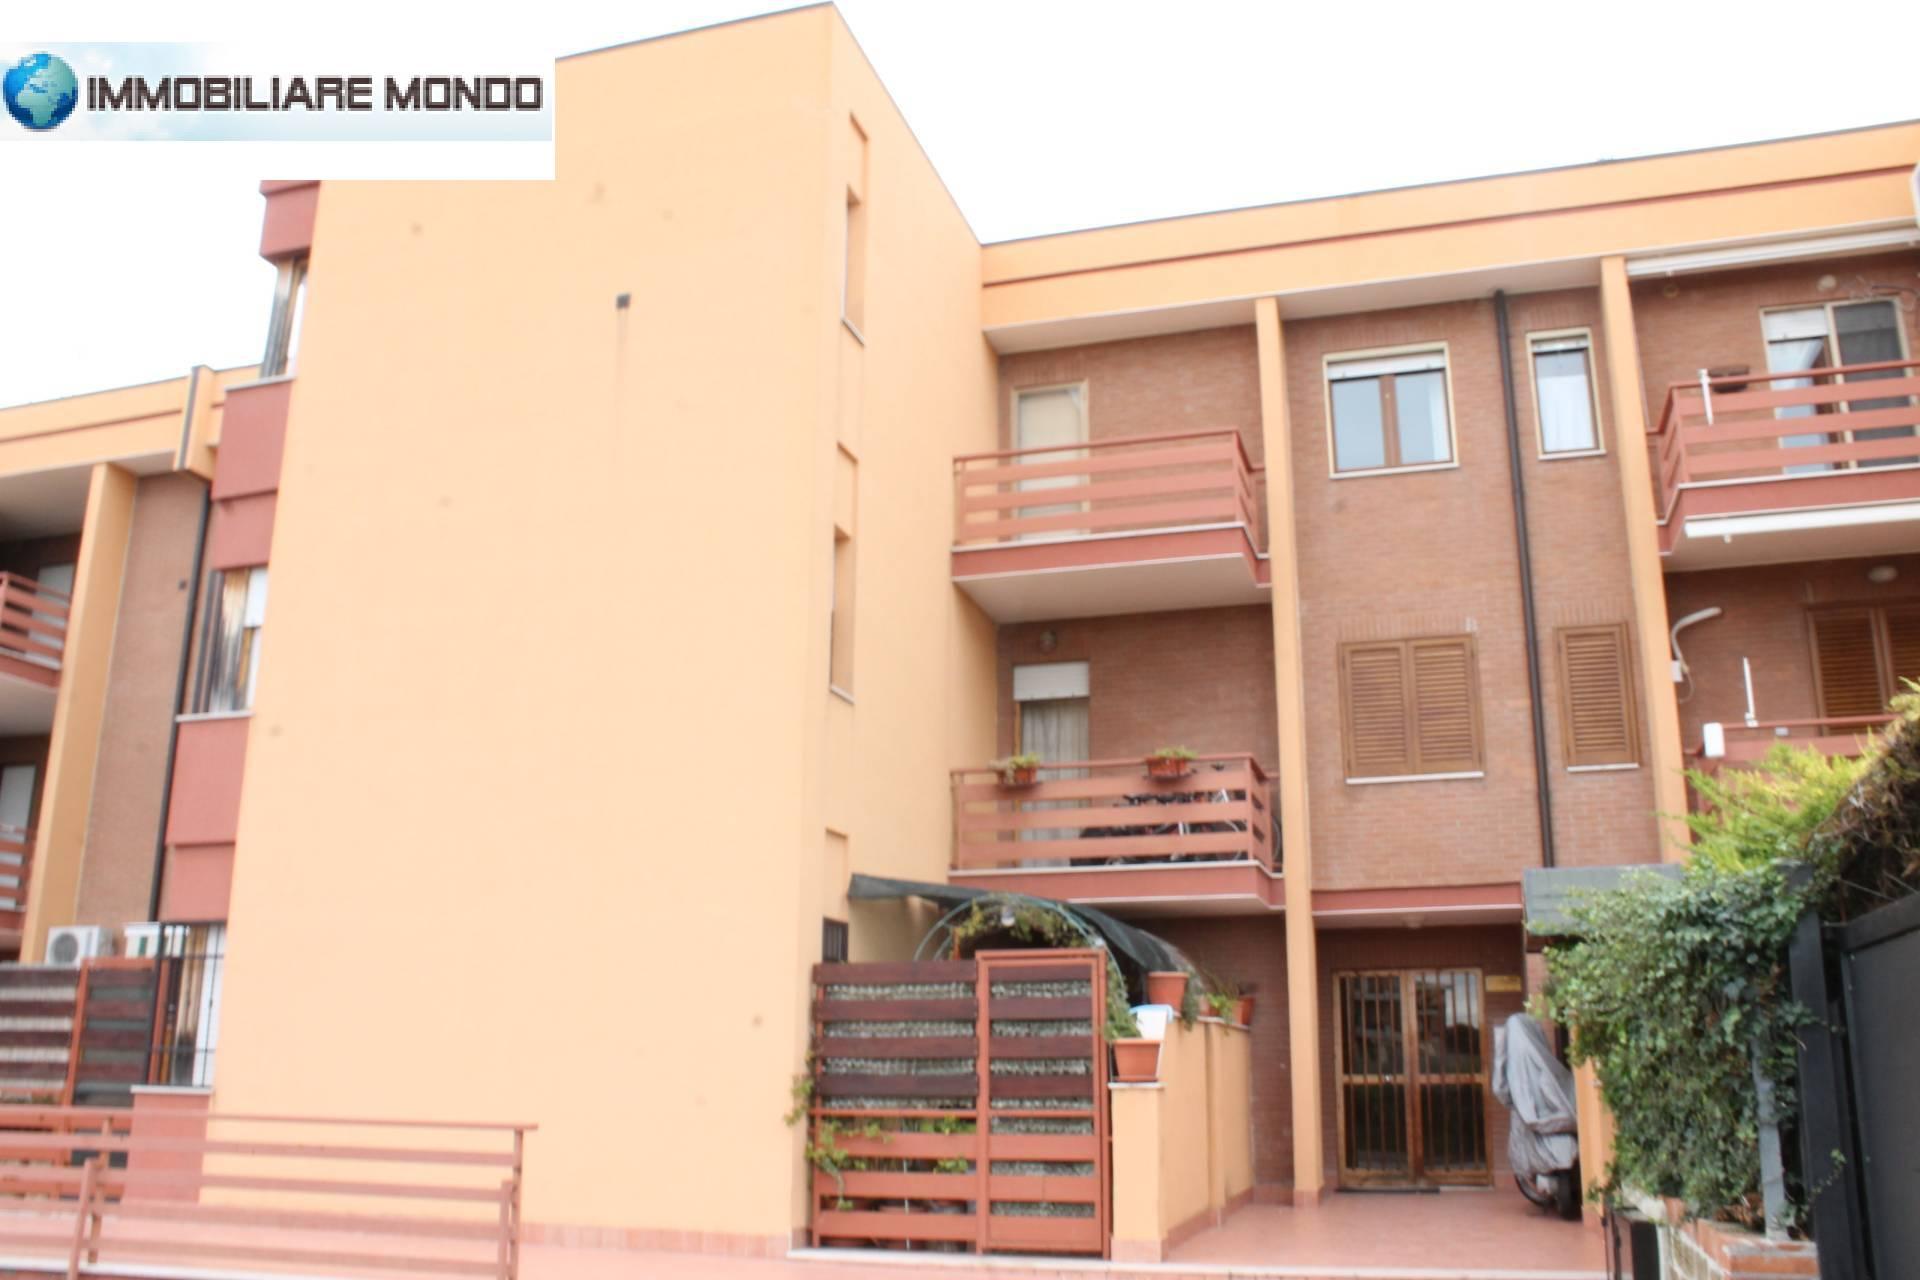 Appartamento in vendita a Campomarino, 4 locali, prezzo € 49.000 | PortaleAgenzieImmobiliari.it